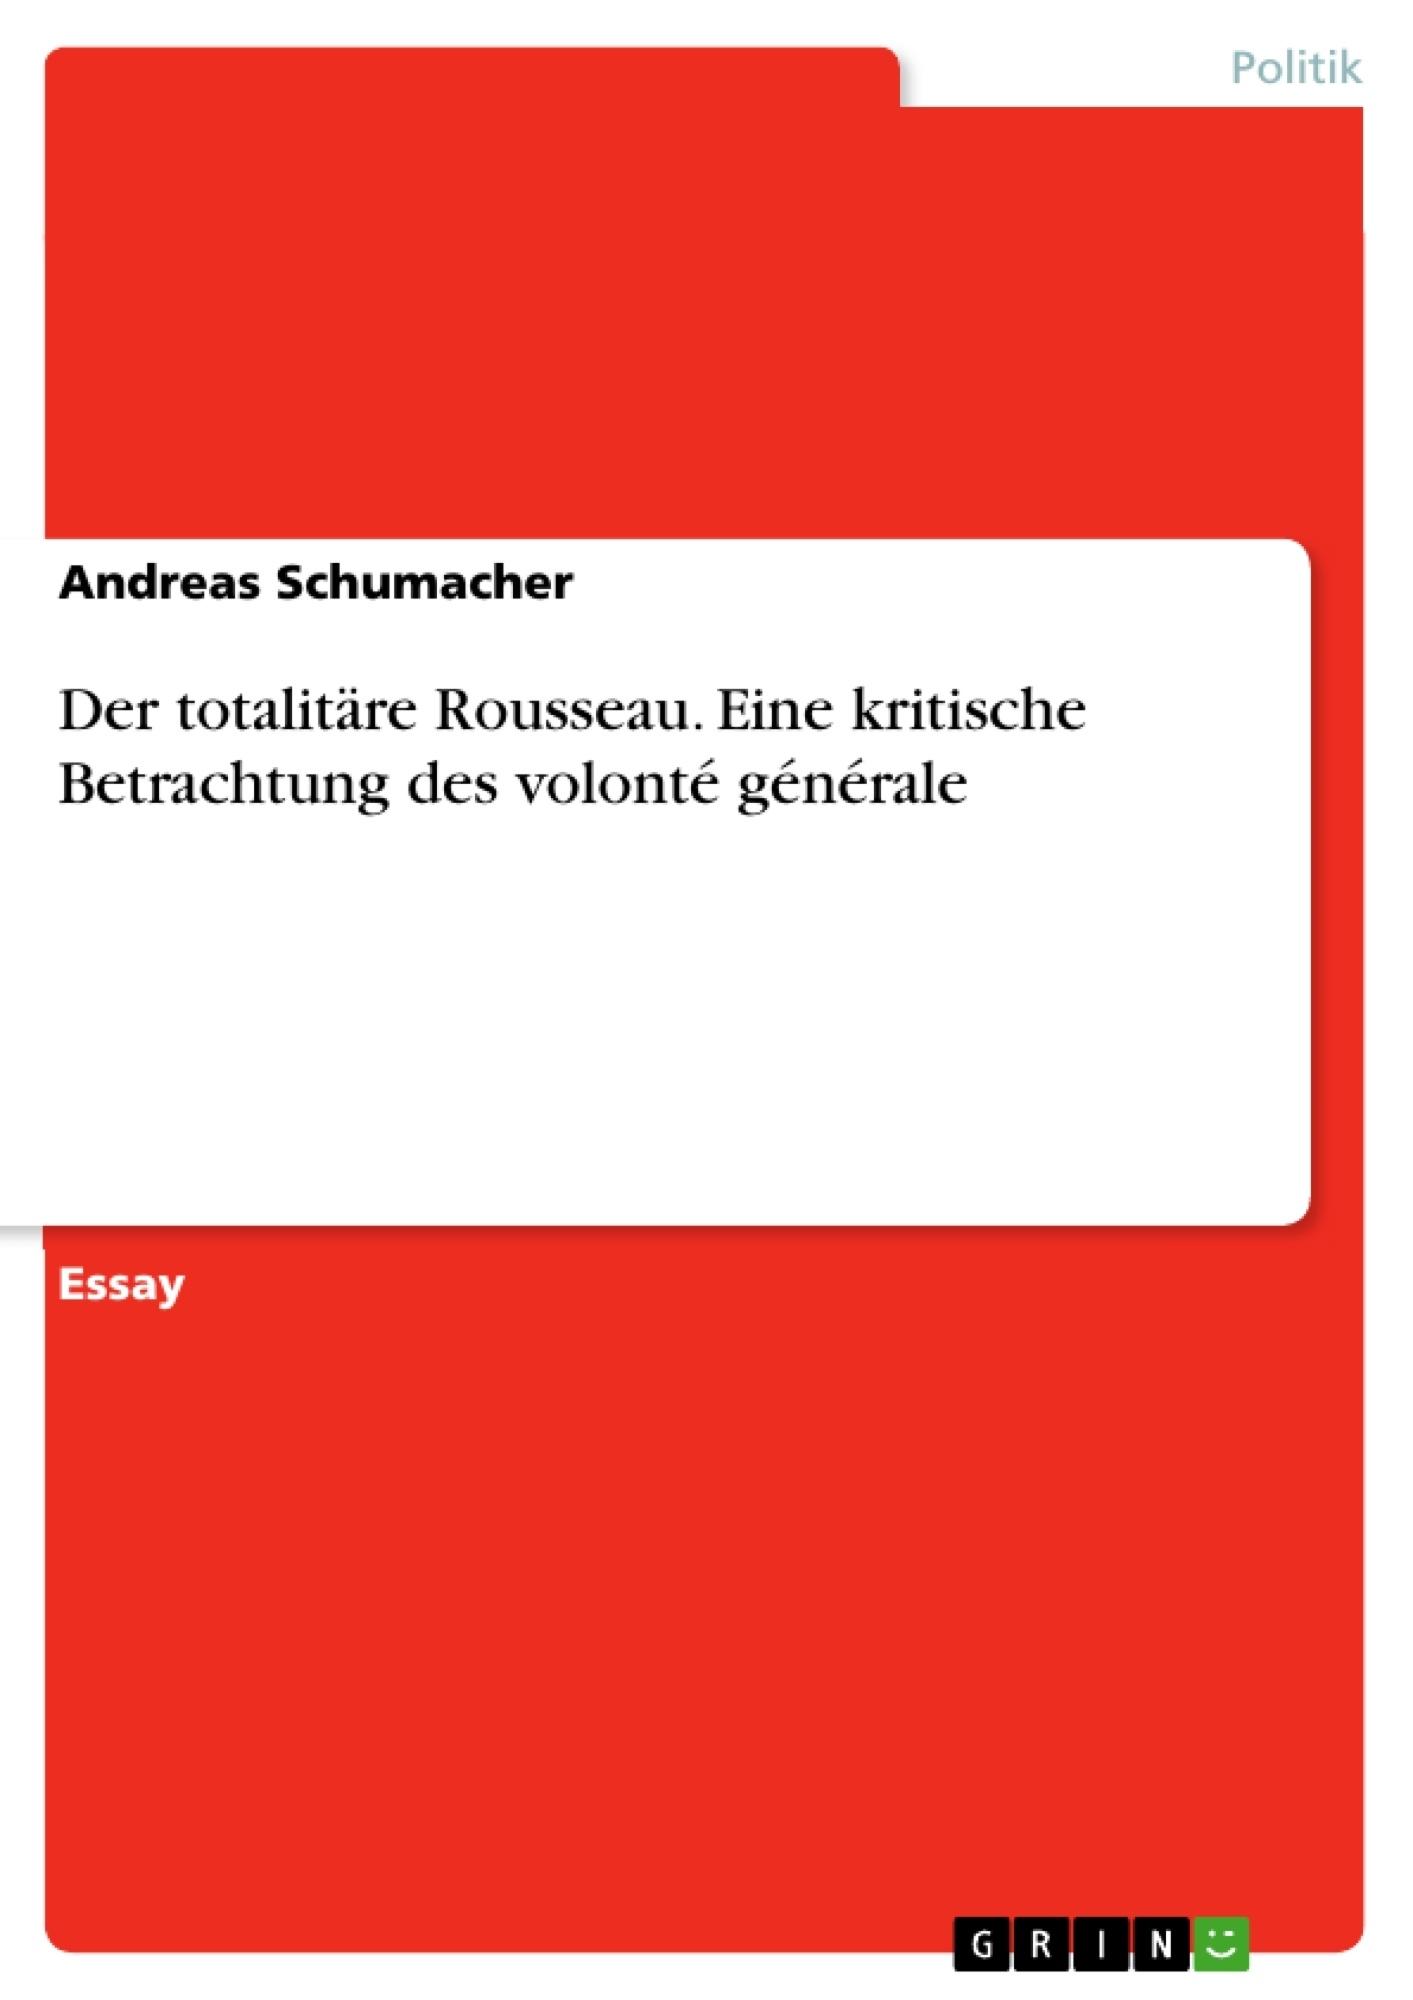 Titel: Der totalitäre Rousseau. Eine kritische Betrachtung des volonté générale